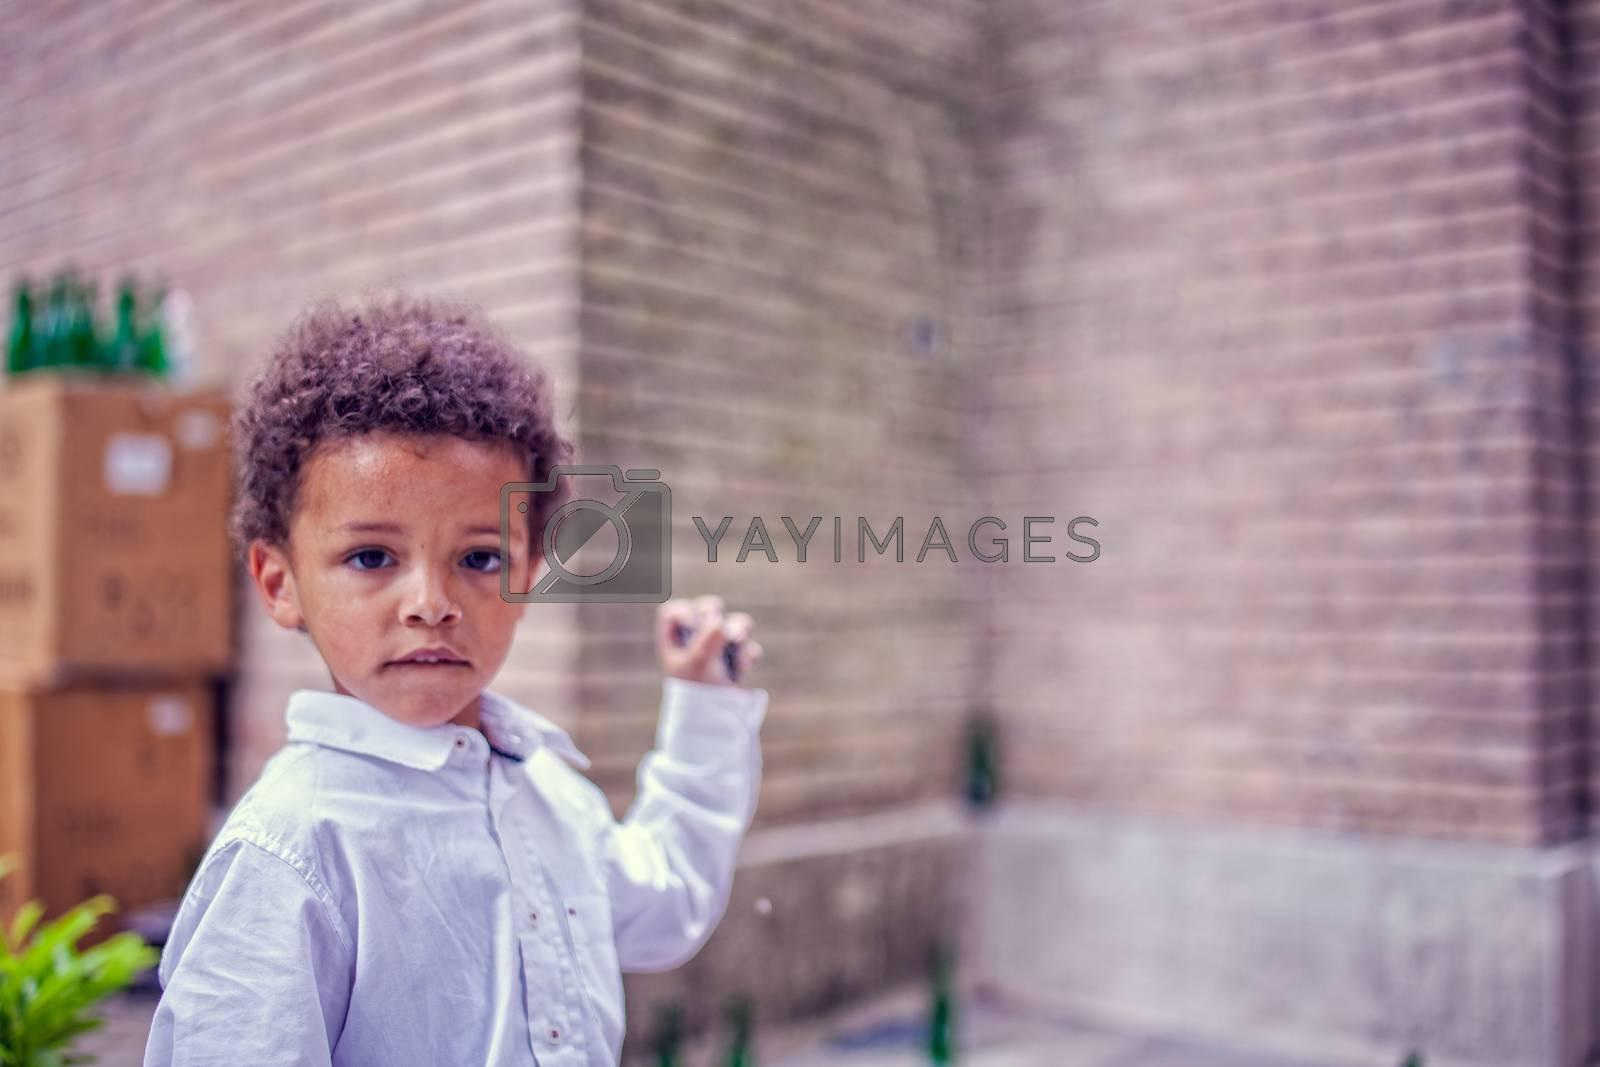 Child by bepsimage